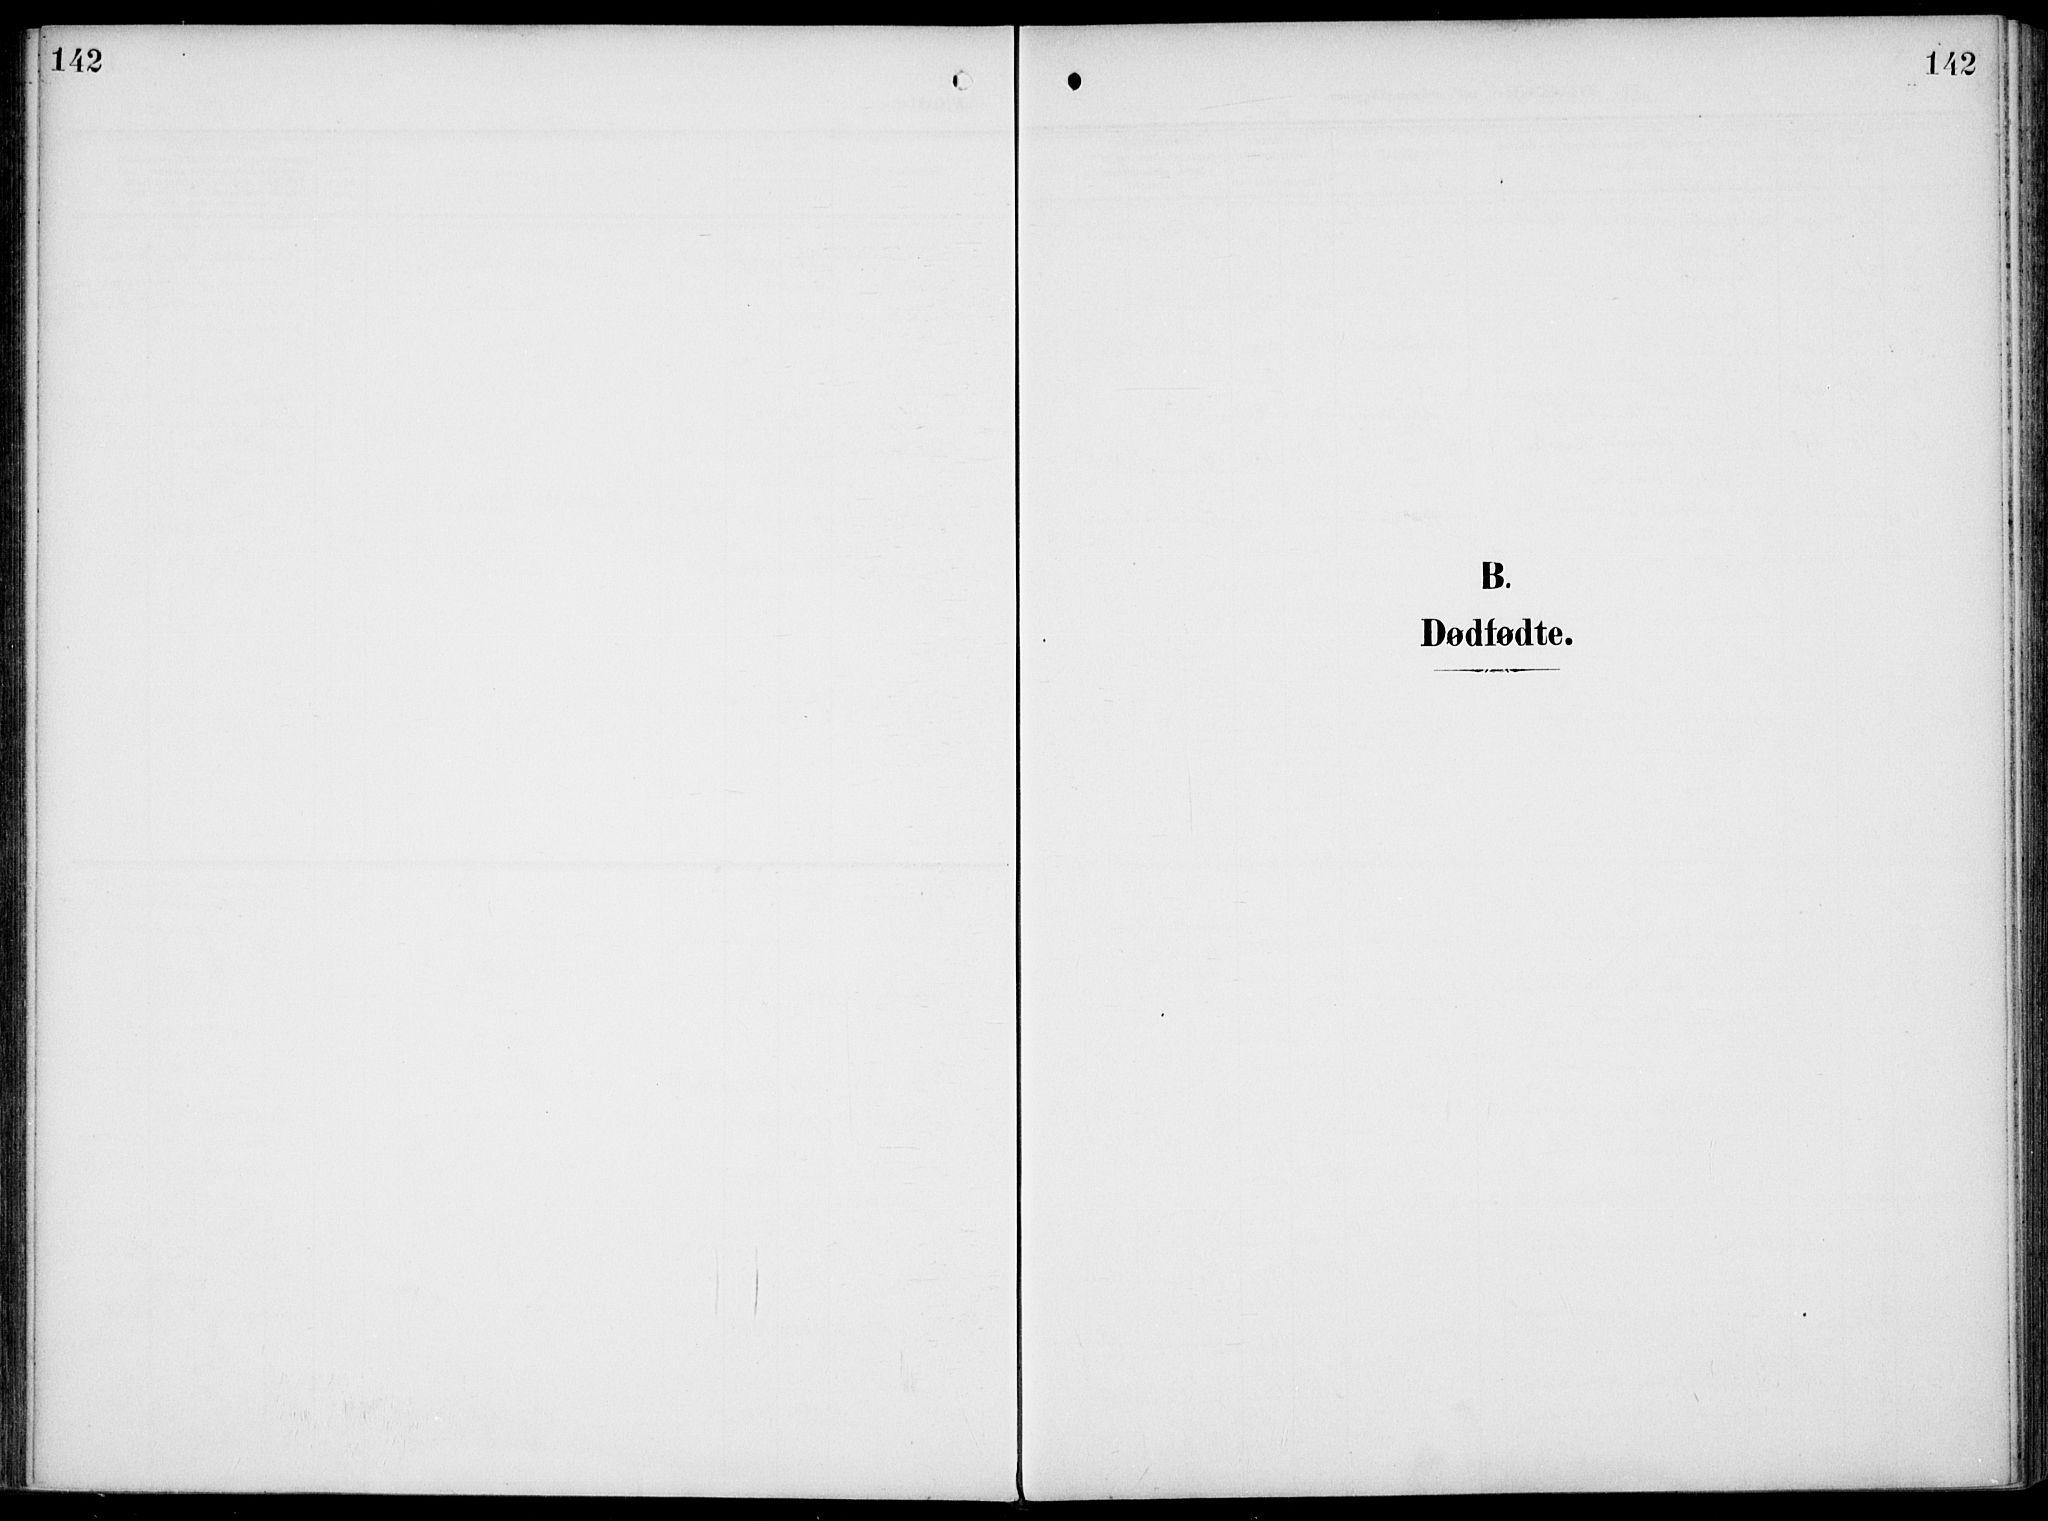 SAKO, Gjerpen kirkebøker, F/Fa/L0012: Ministerialbok nr. 12, 1905-1913, s. 142